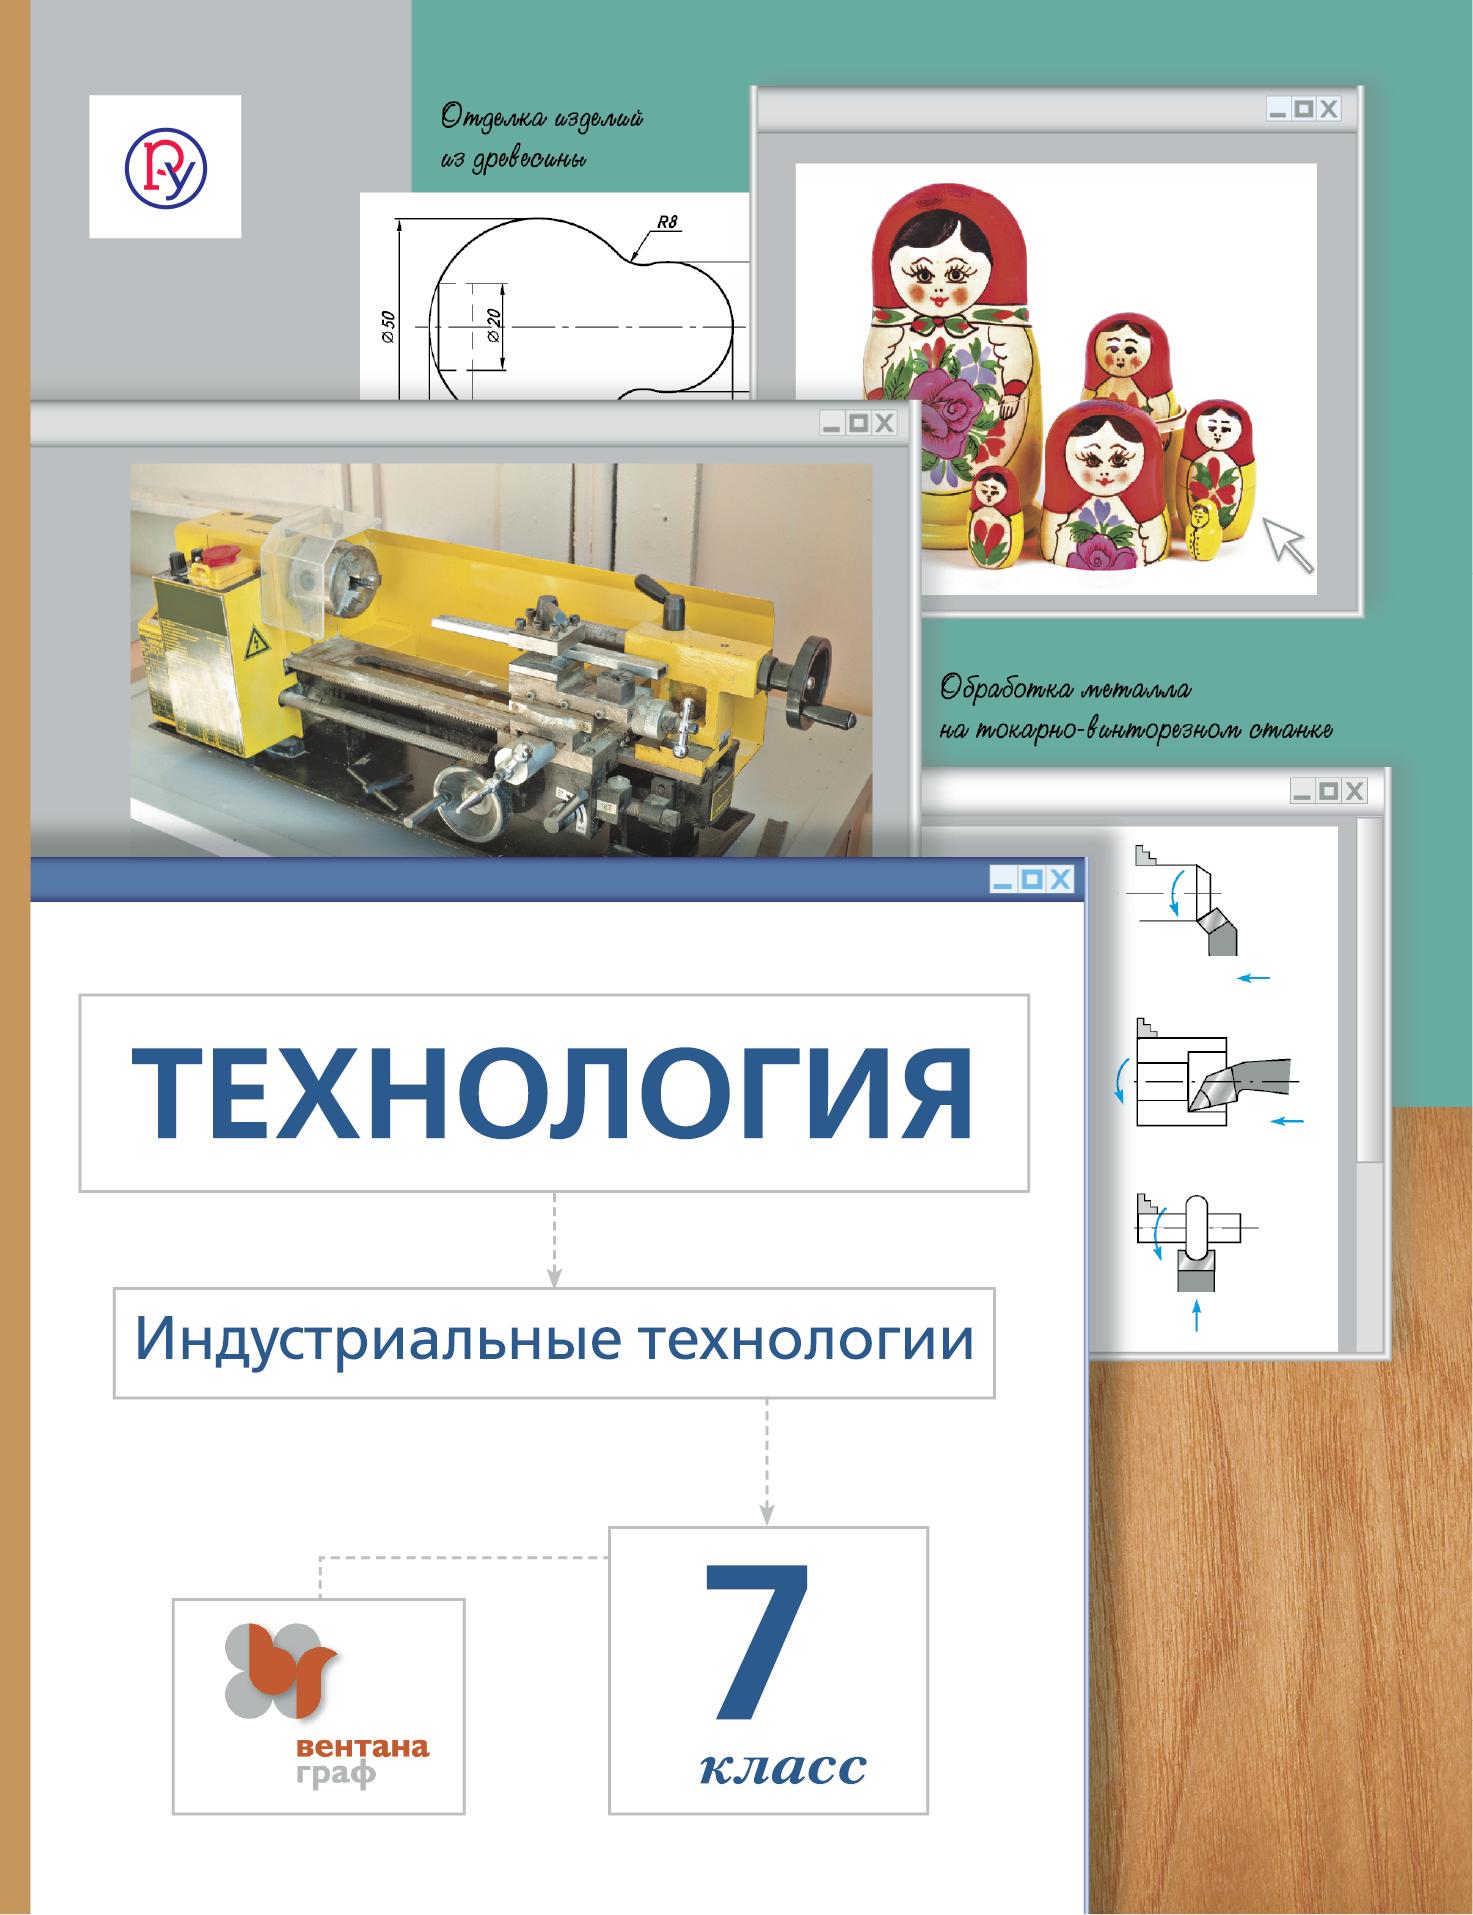 Технология. Индустриальные технологии. 7класс. Учебник. от book24.ru